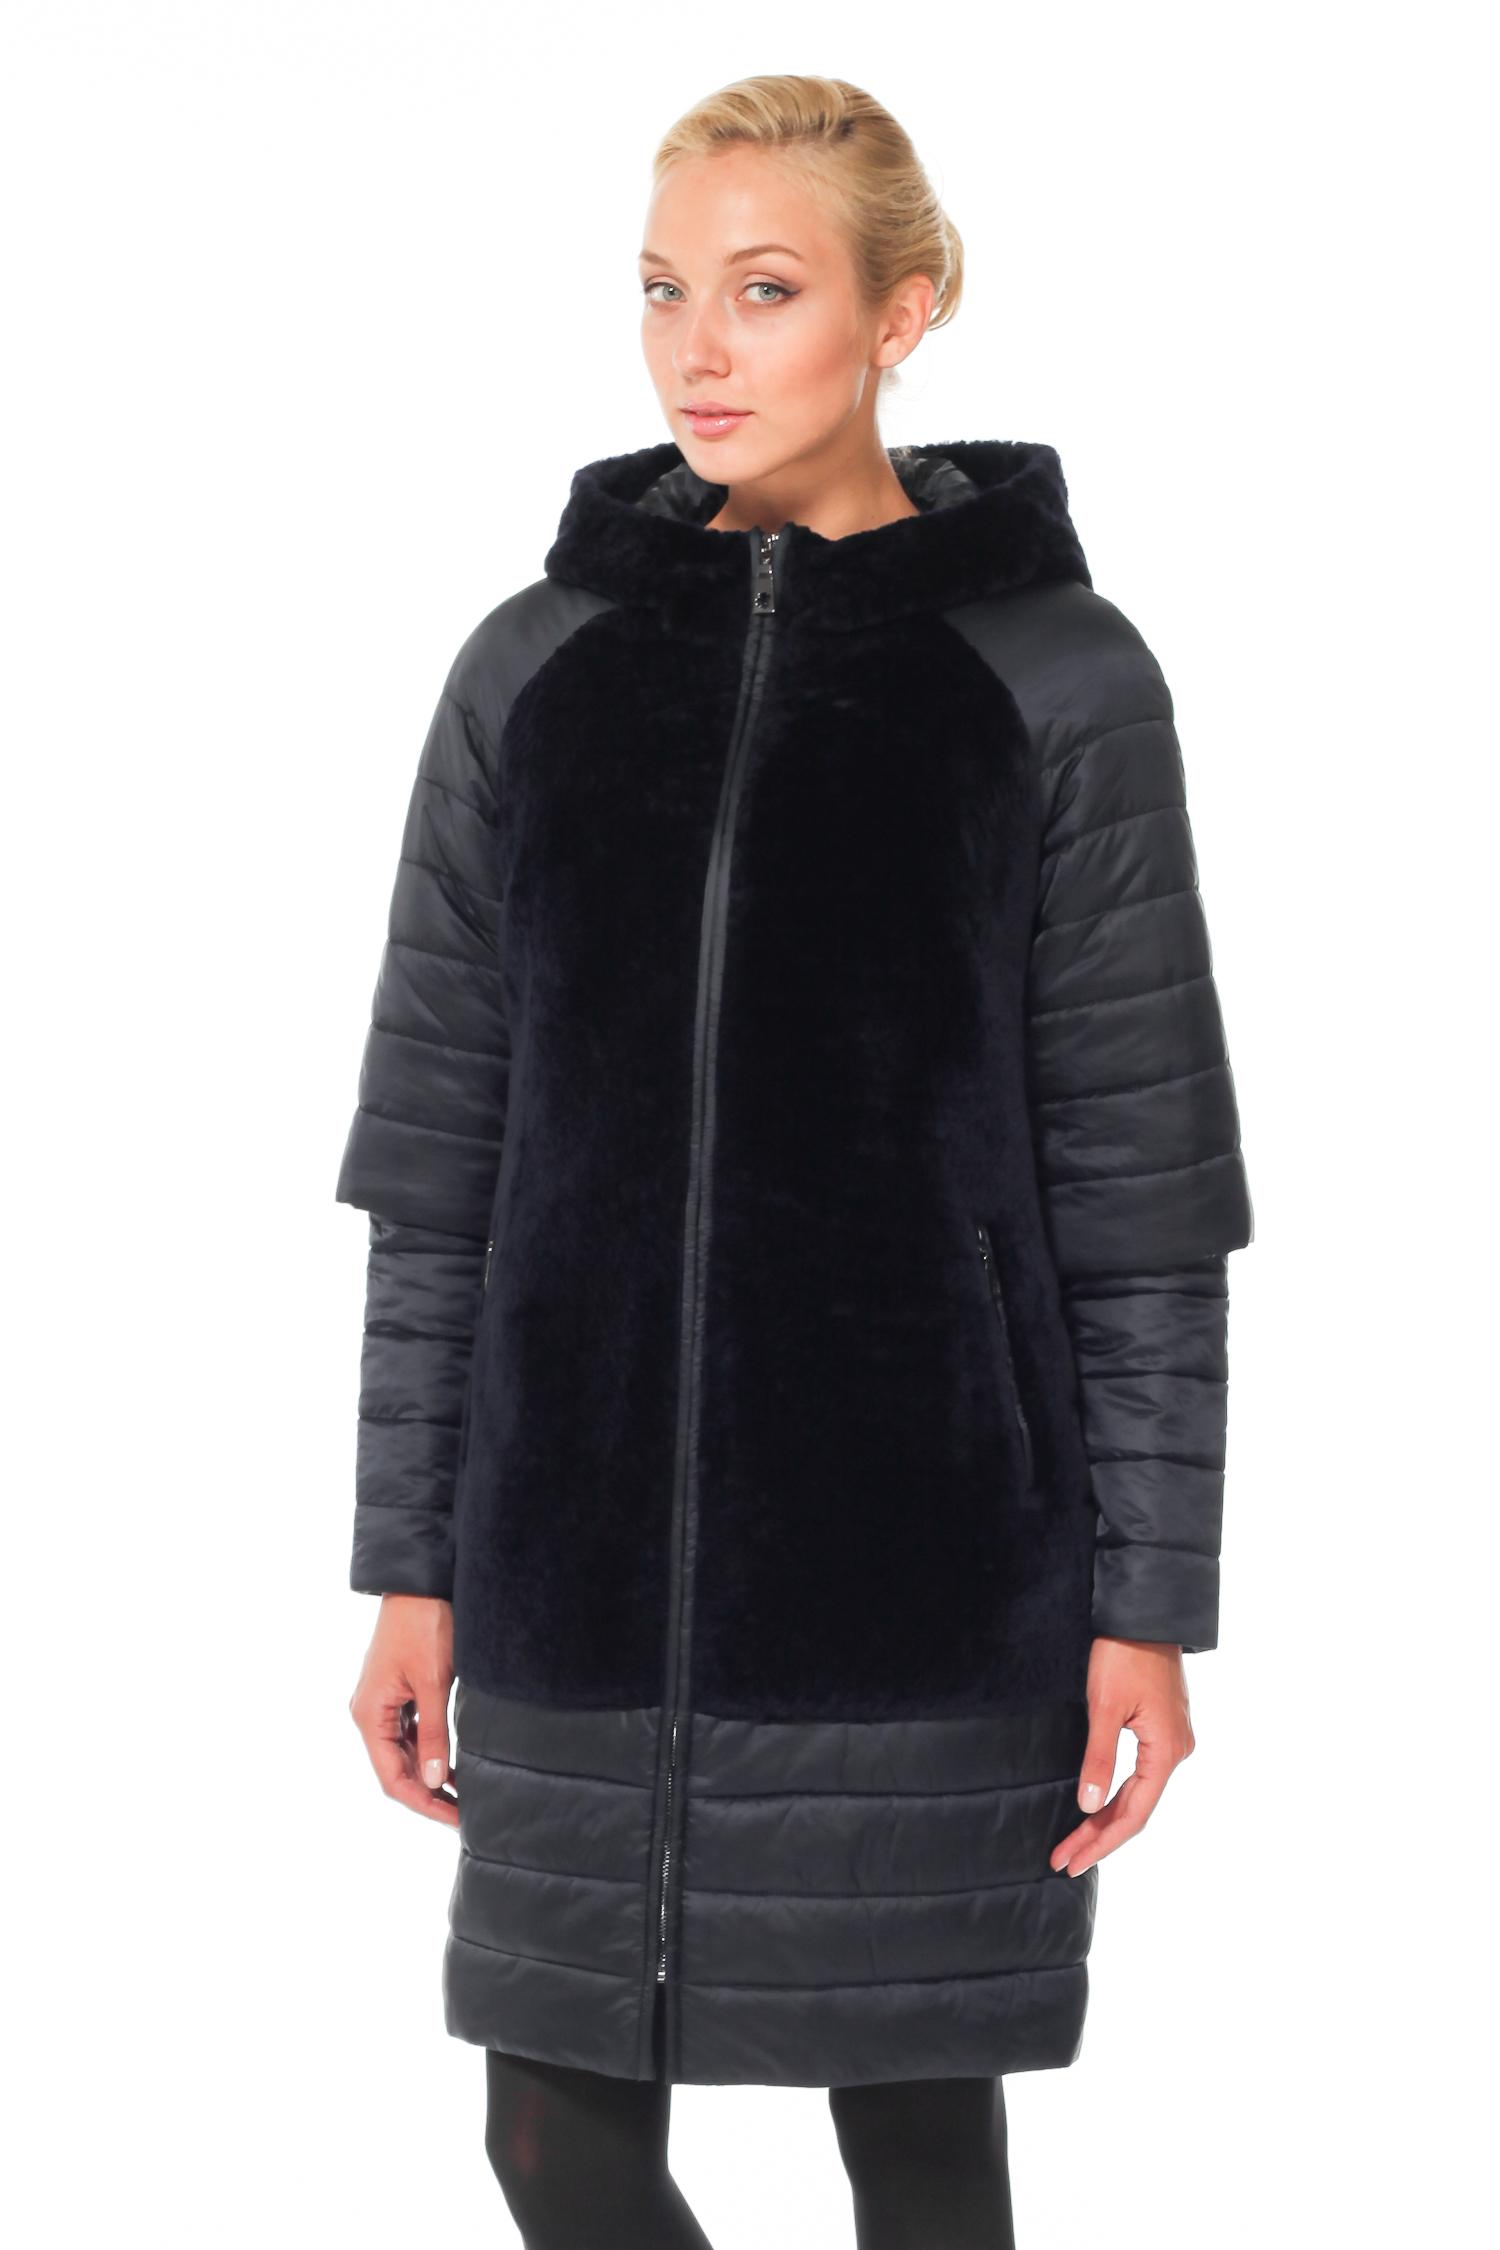 Женское пальто с капюшоном - астраган/текстиль